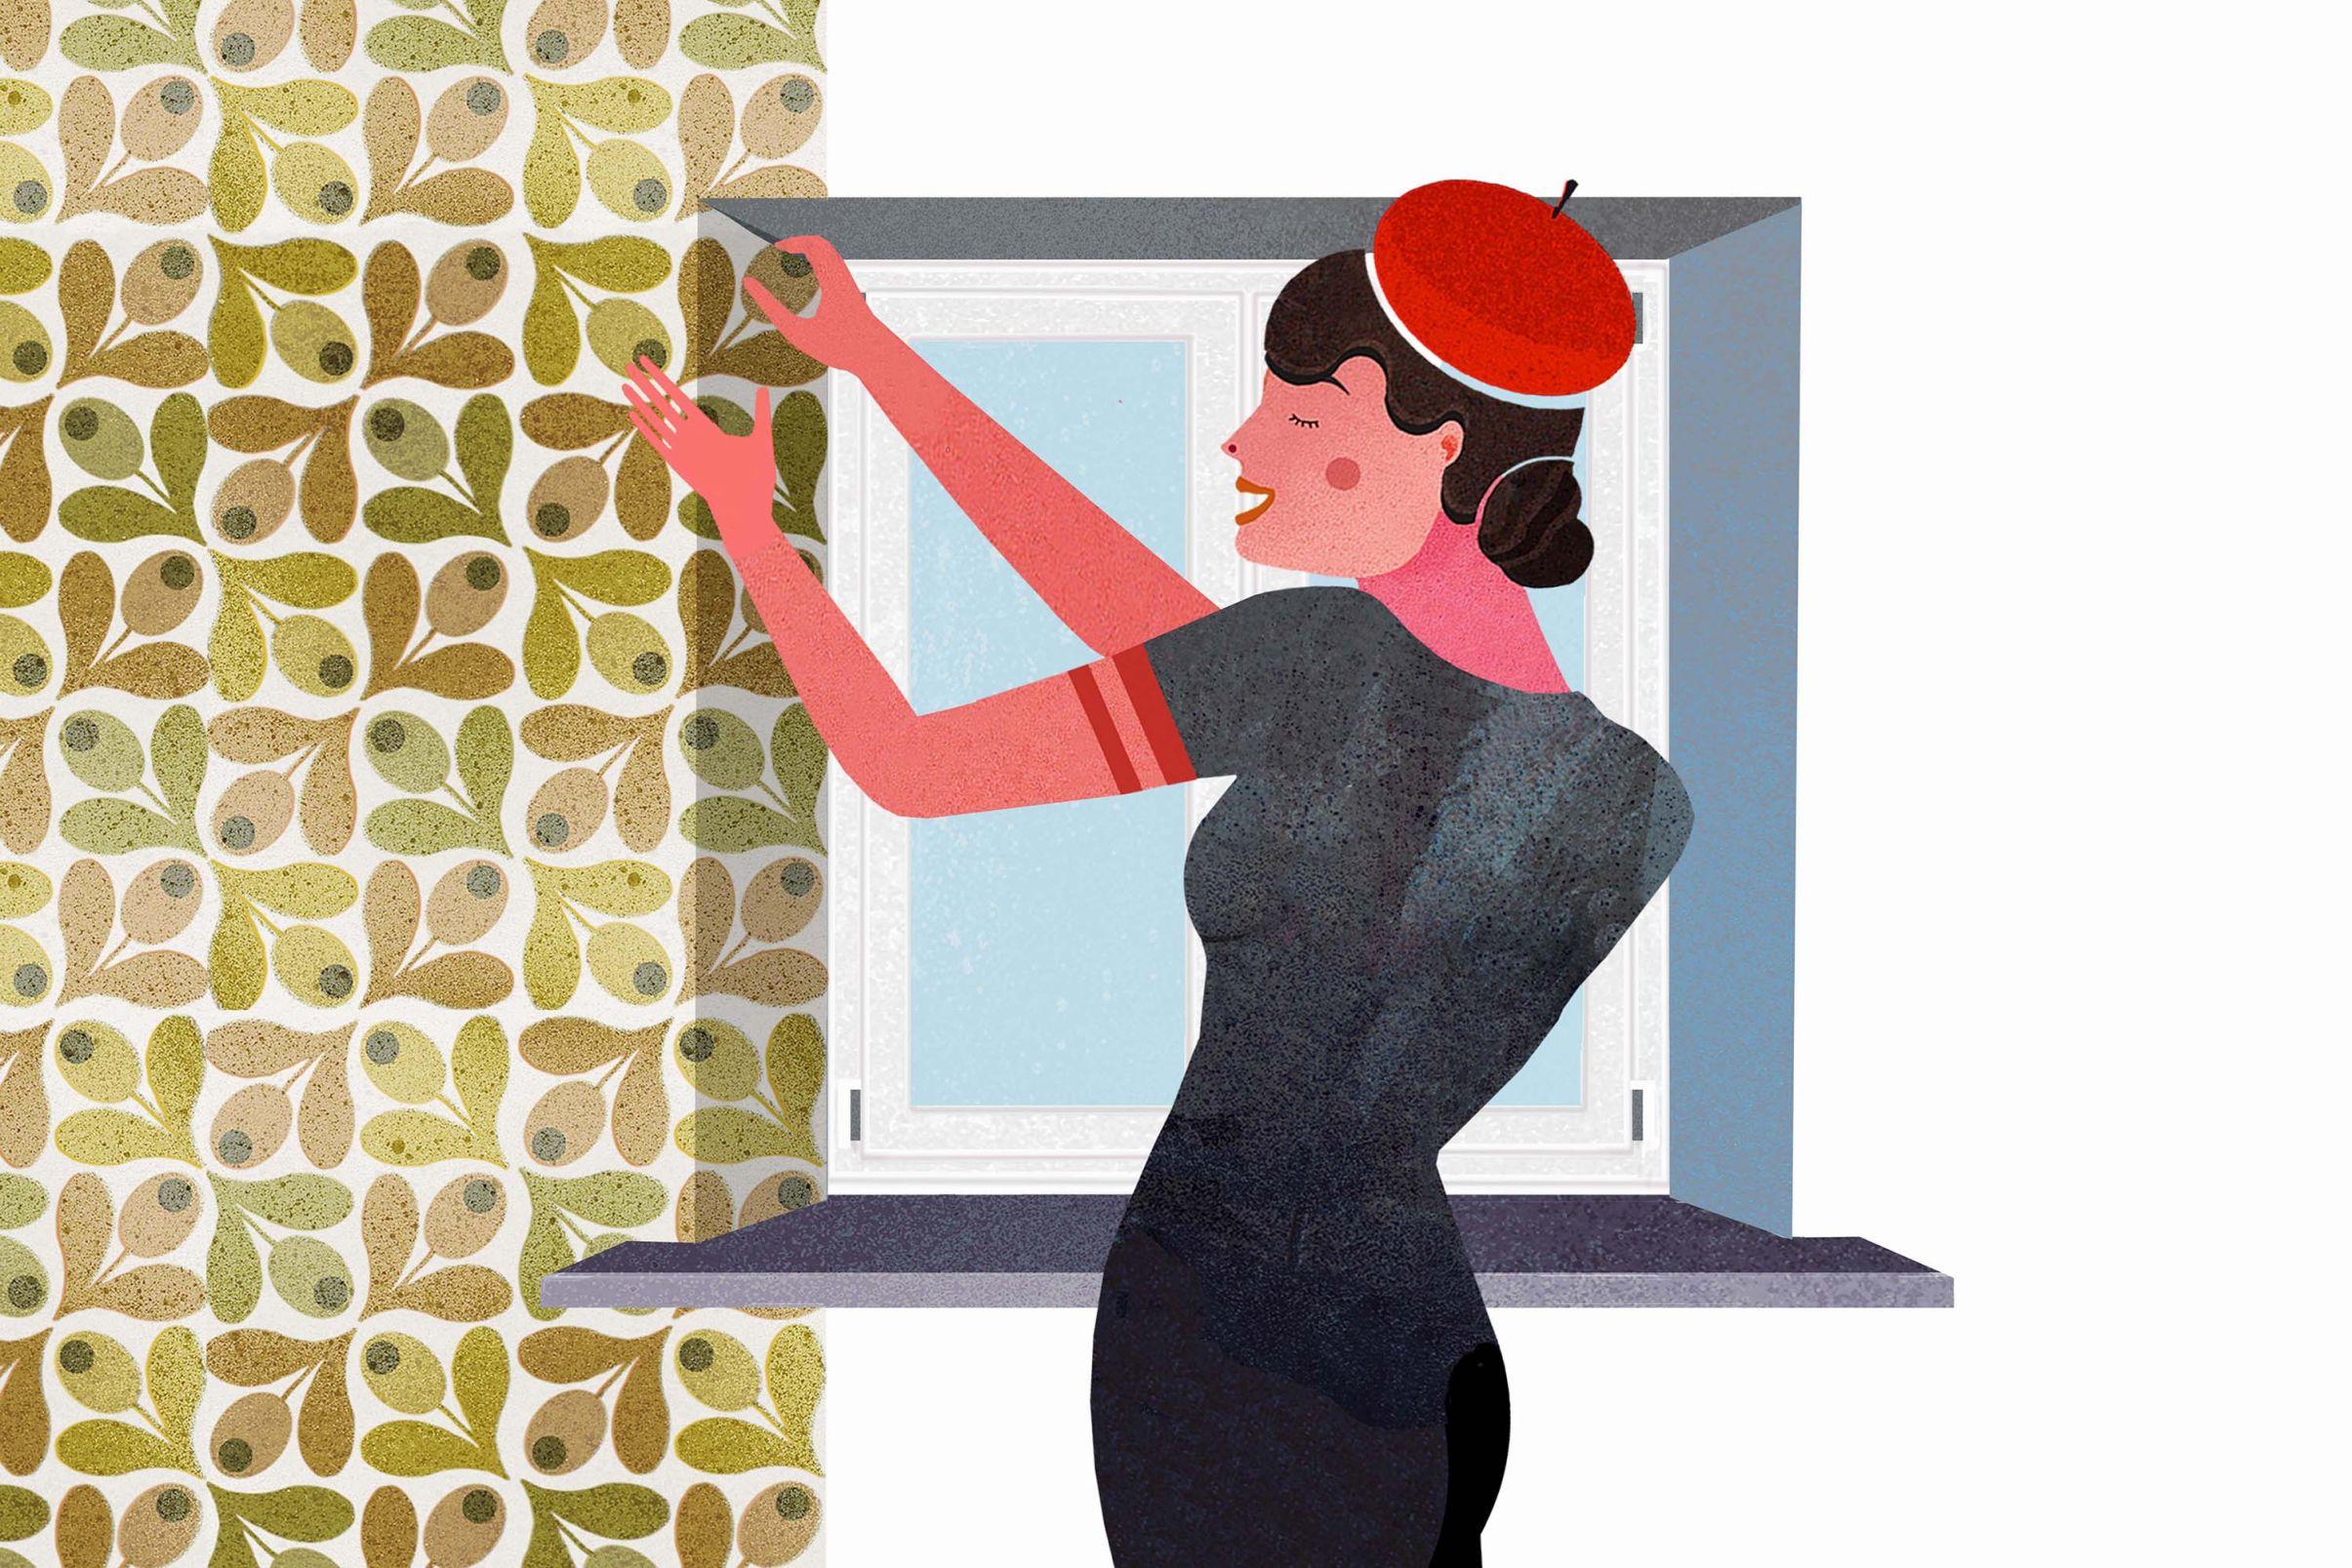 Como-empapelar-alrededor-de-puertas-y-ventanas-Colocar-el-papel-pintado-con-superposicion-en-ventanas